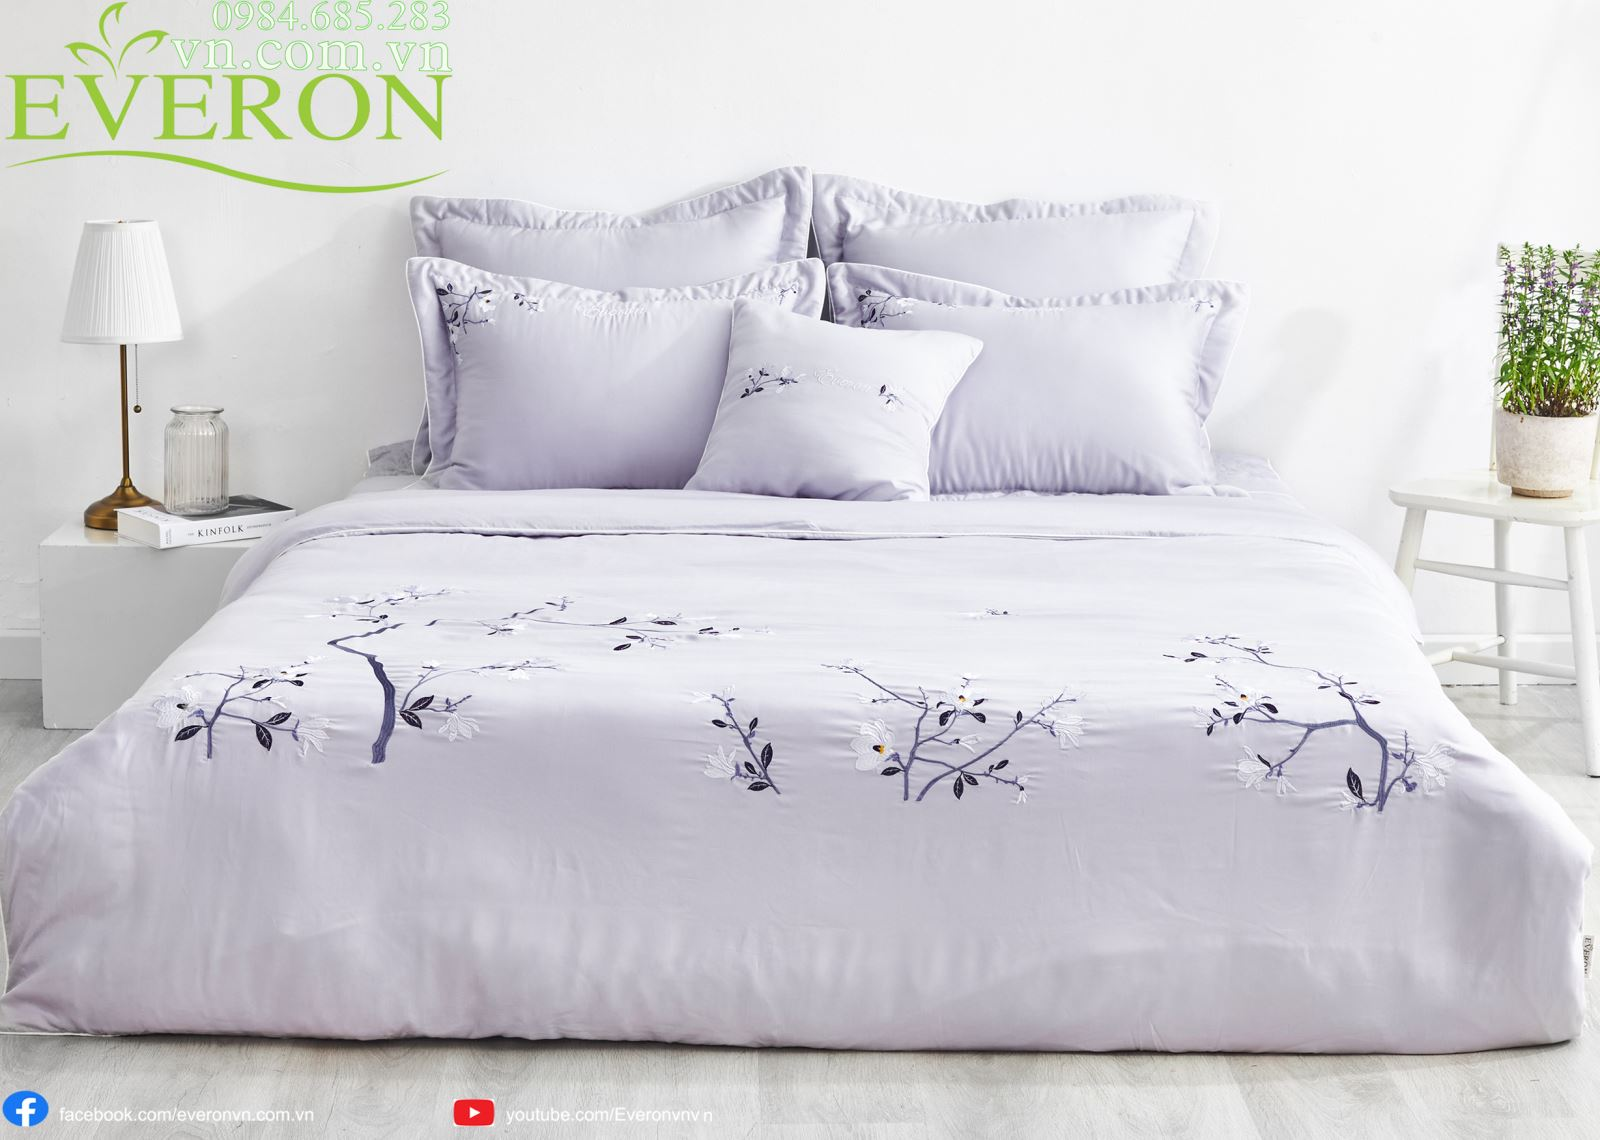 Bộ chăn ga Everon chất vải Lụa Tencel